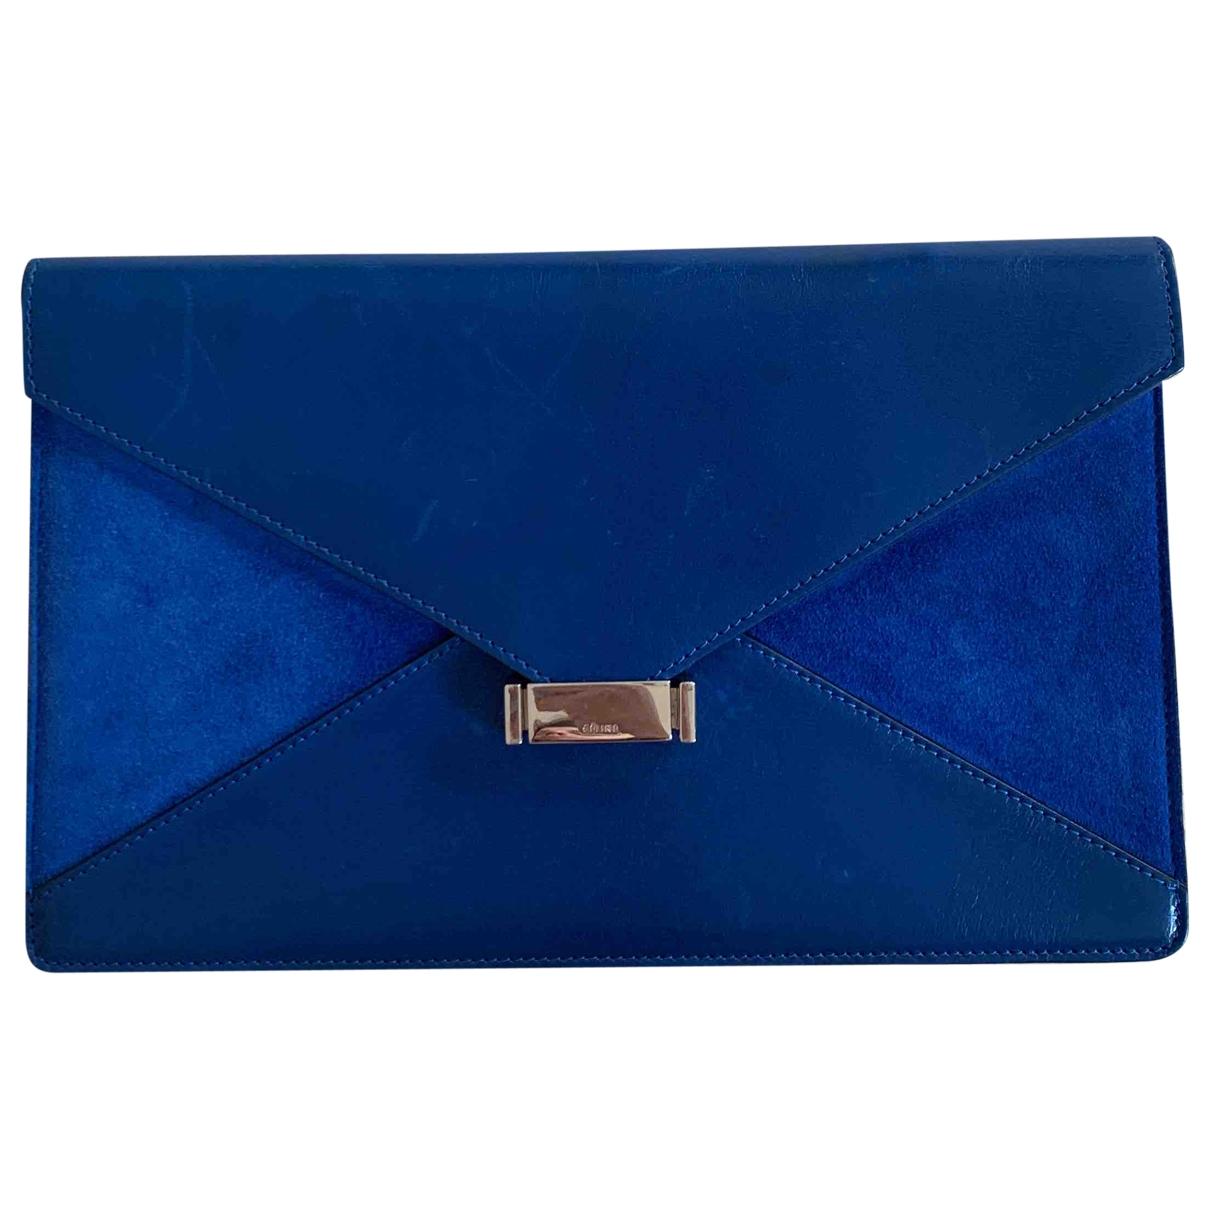 Celine - Pochette Diamond Clutch pour femme en cuir - bleu